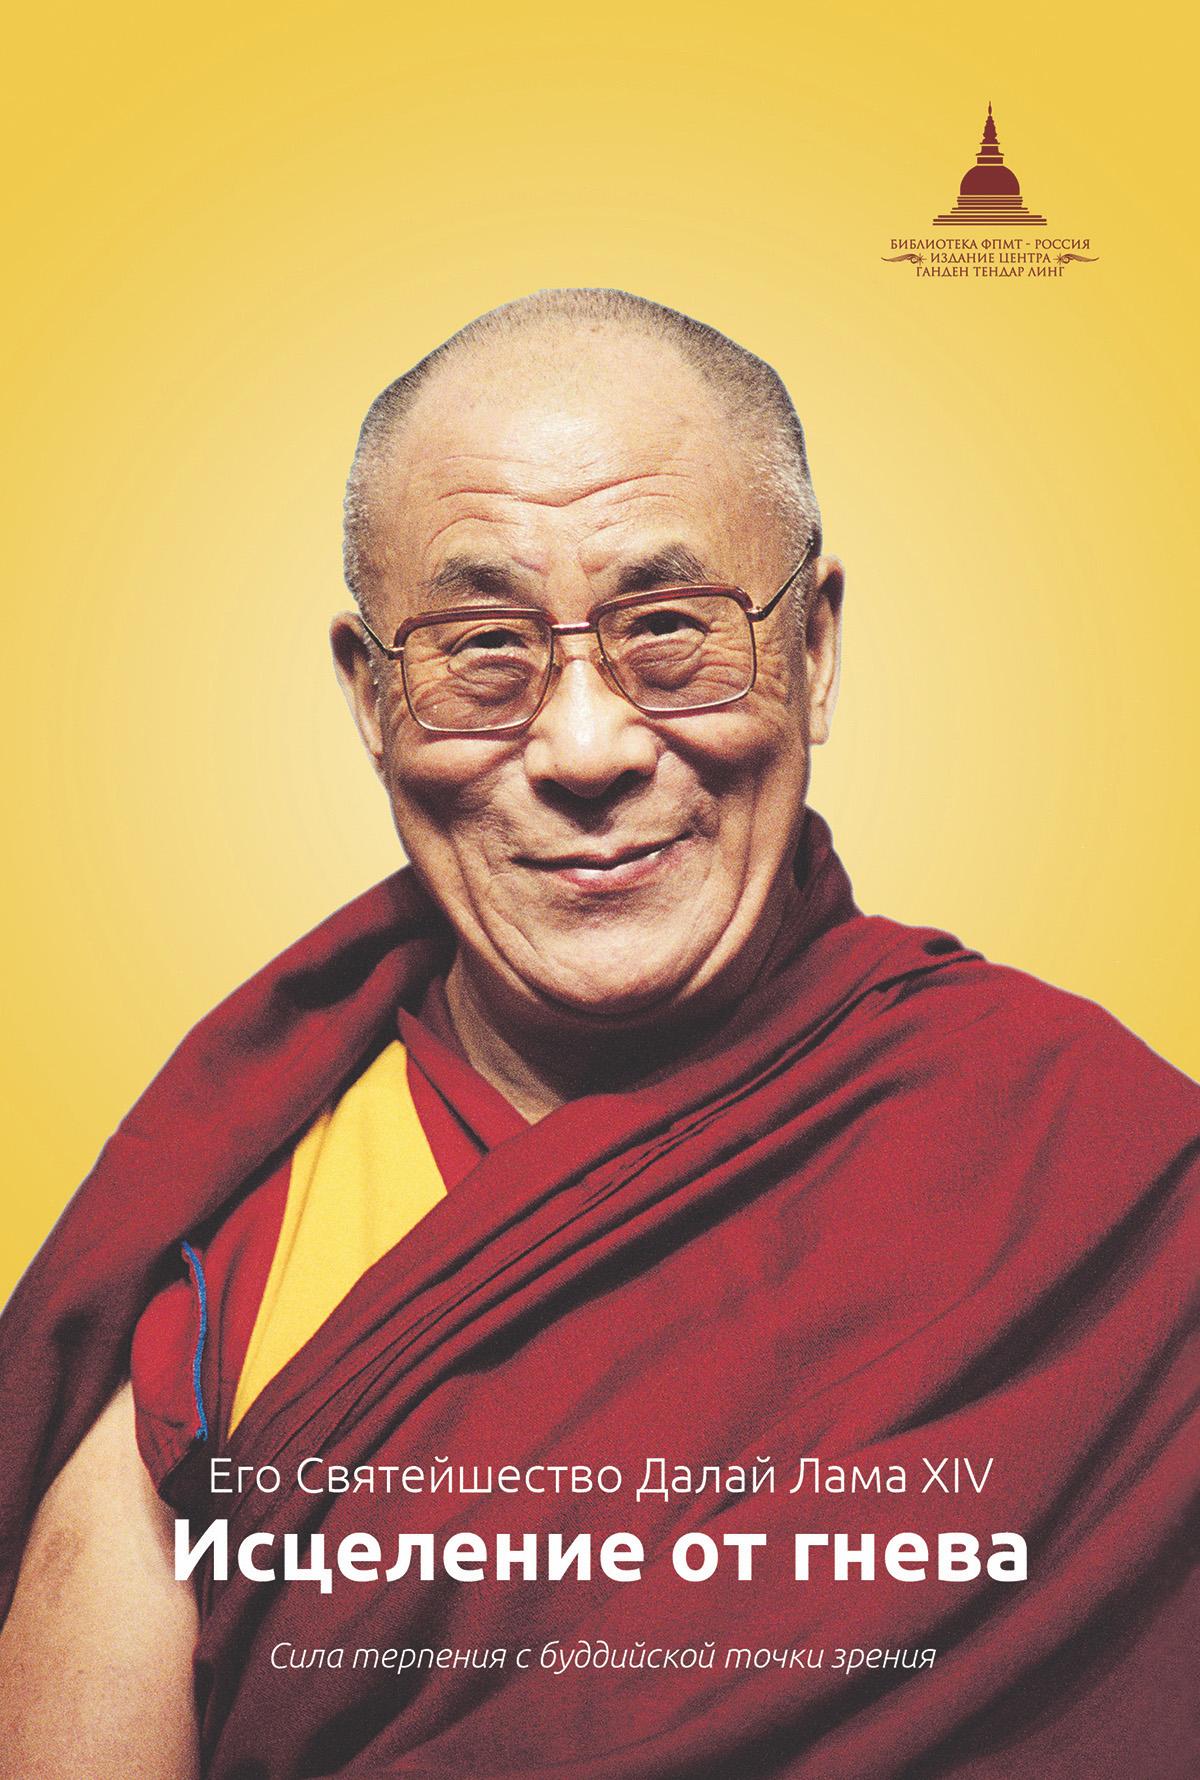 Далай-лама XIV Исцеление от гнева шантидева путь бодхисаттвы бодхичарья аватара